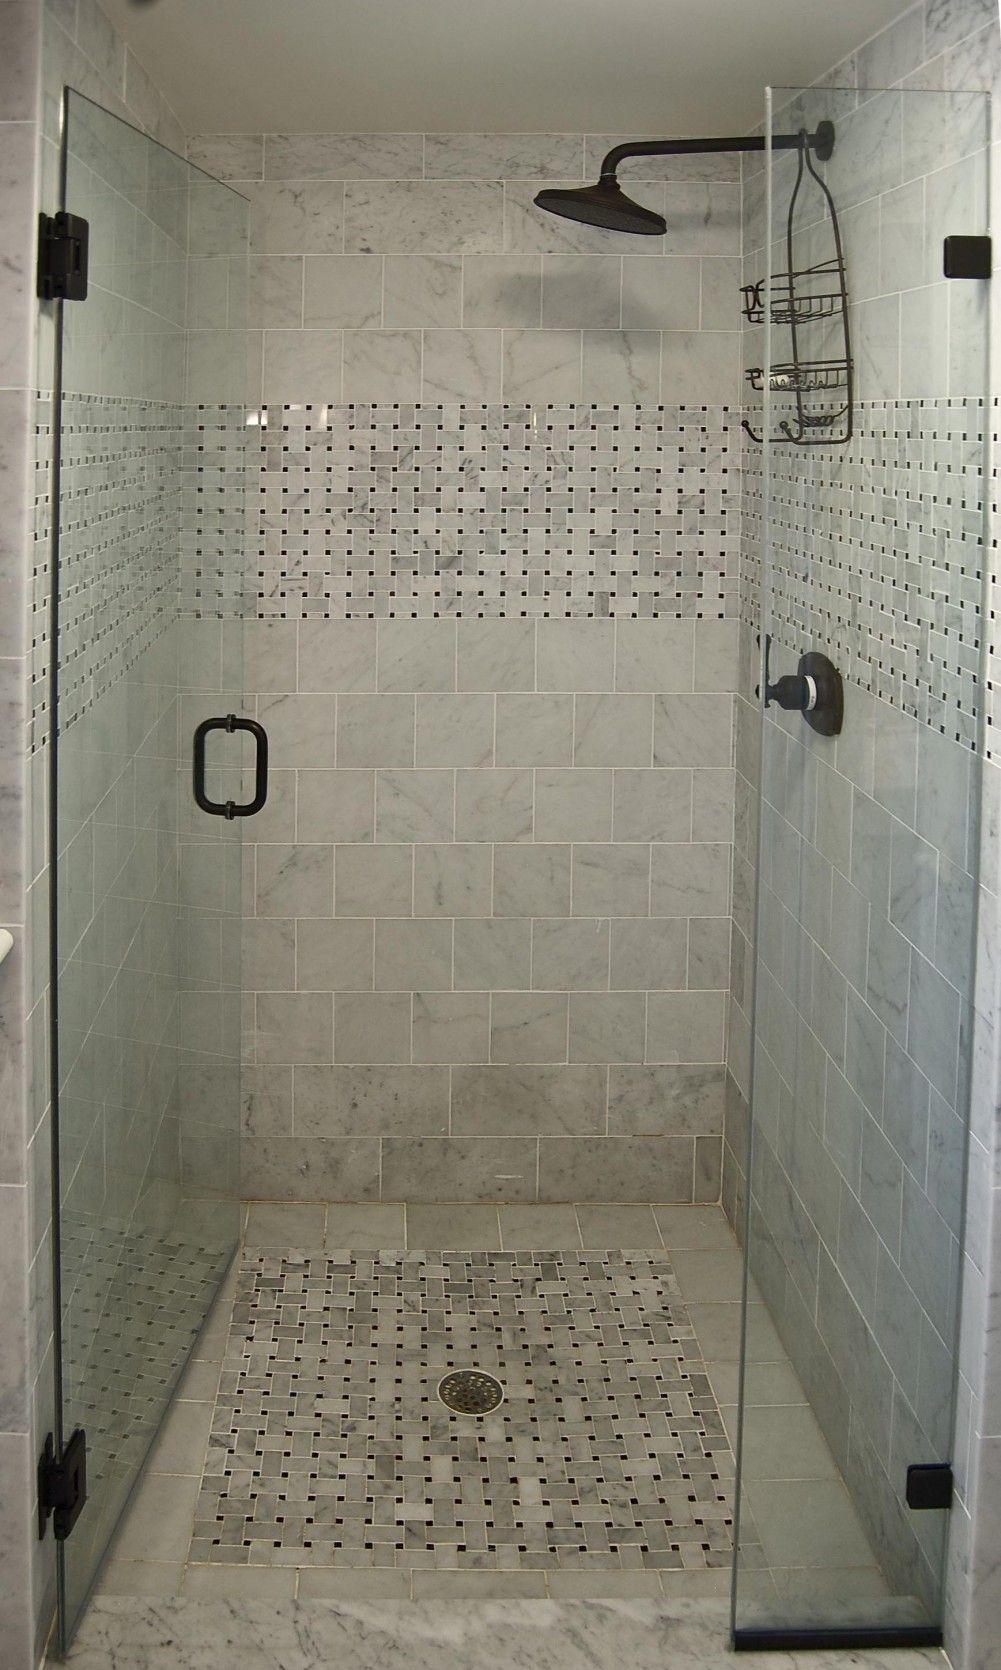 Mosaic Detail Shower Bathroom Shower Stalls Bathroom Remodel Master Small Bathroom With Shower